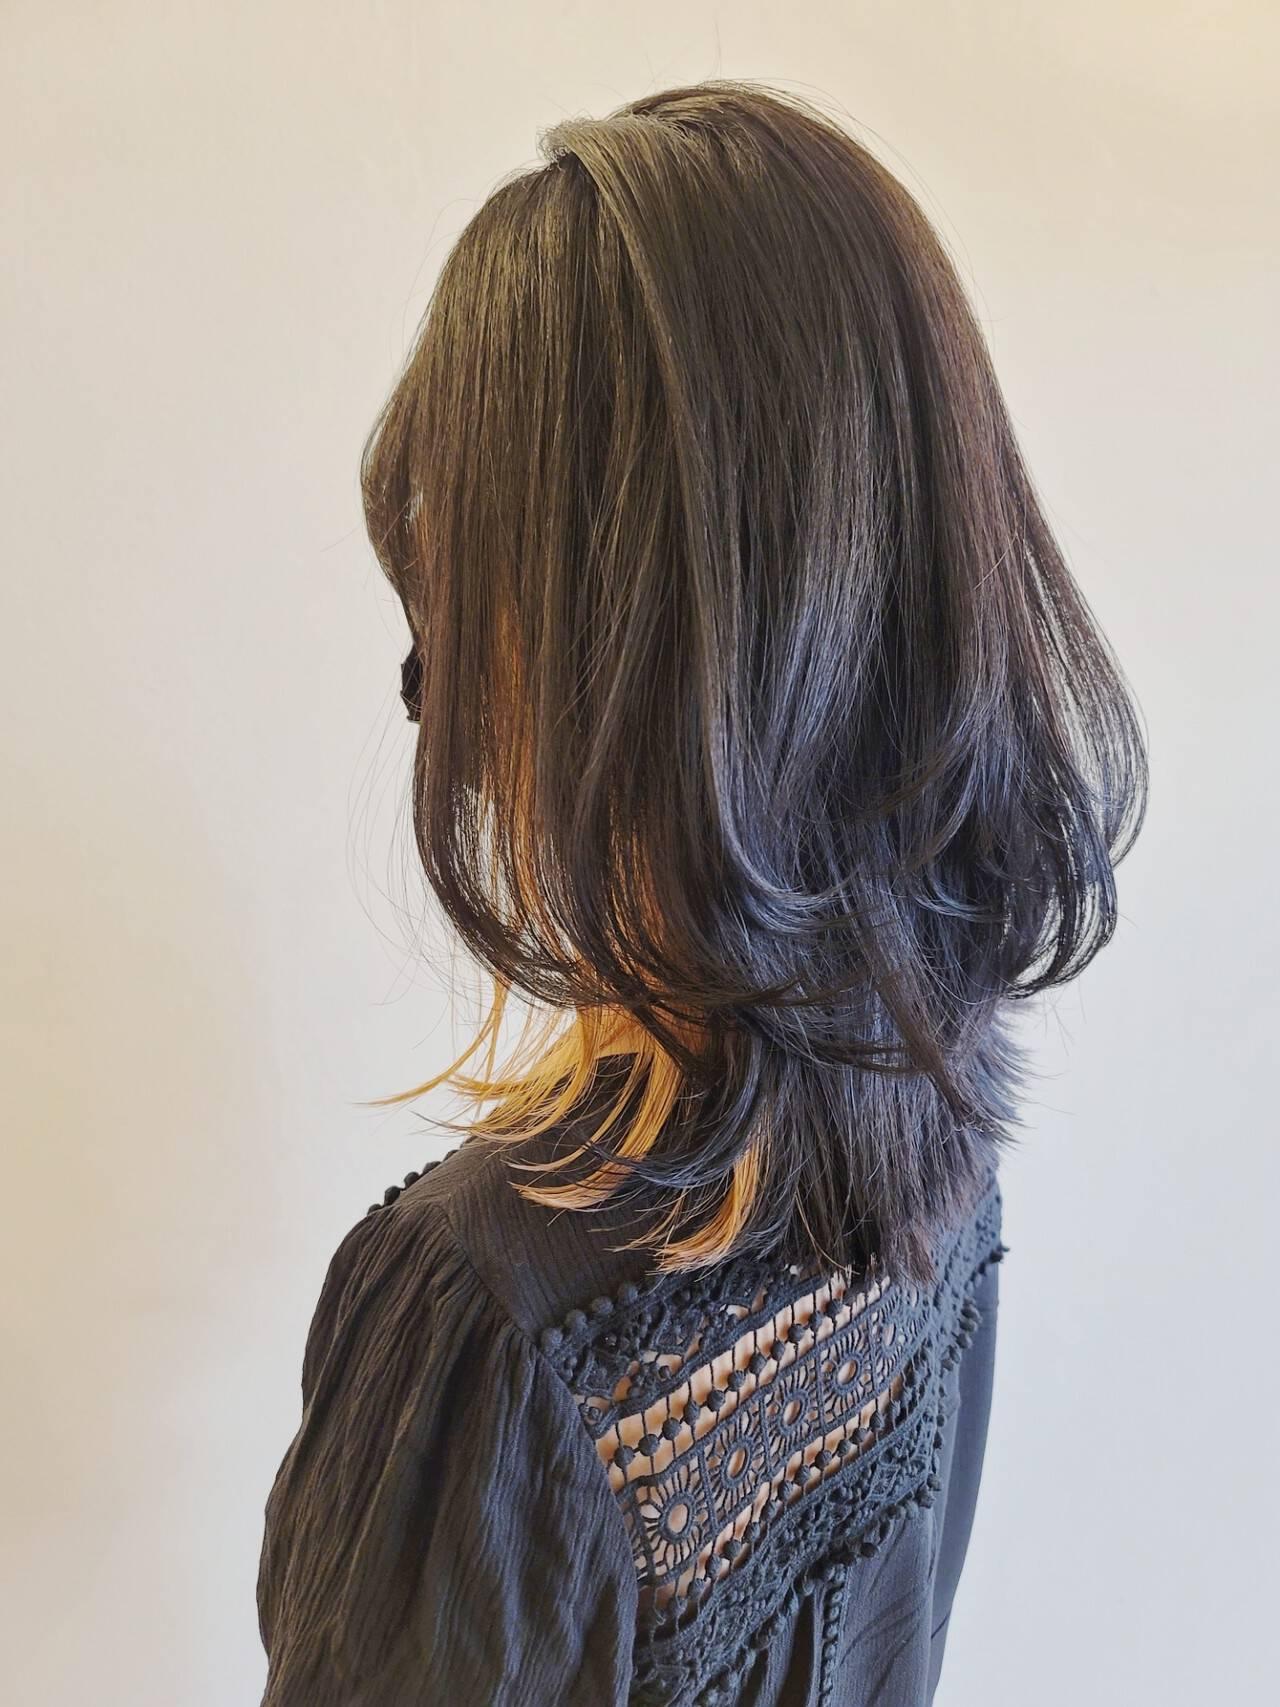 ヘアカット ナチュラル ウルフカット レイヤーカットヘアスタイルや髪型の写真・画像